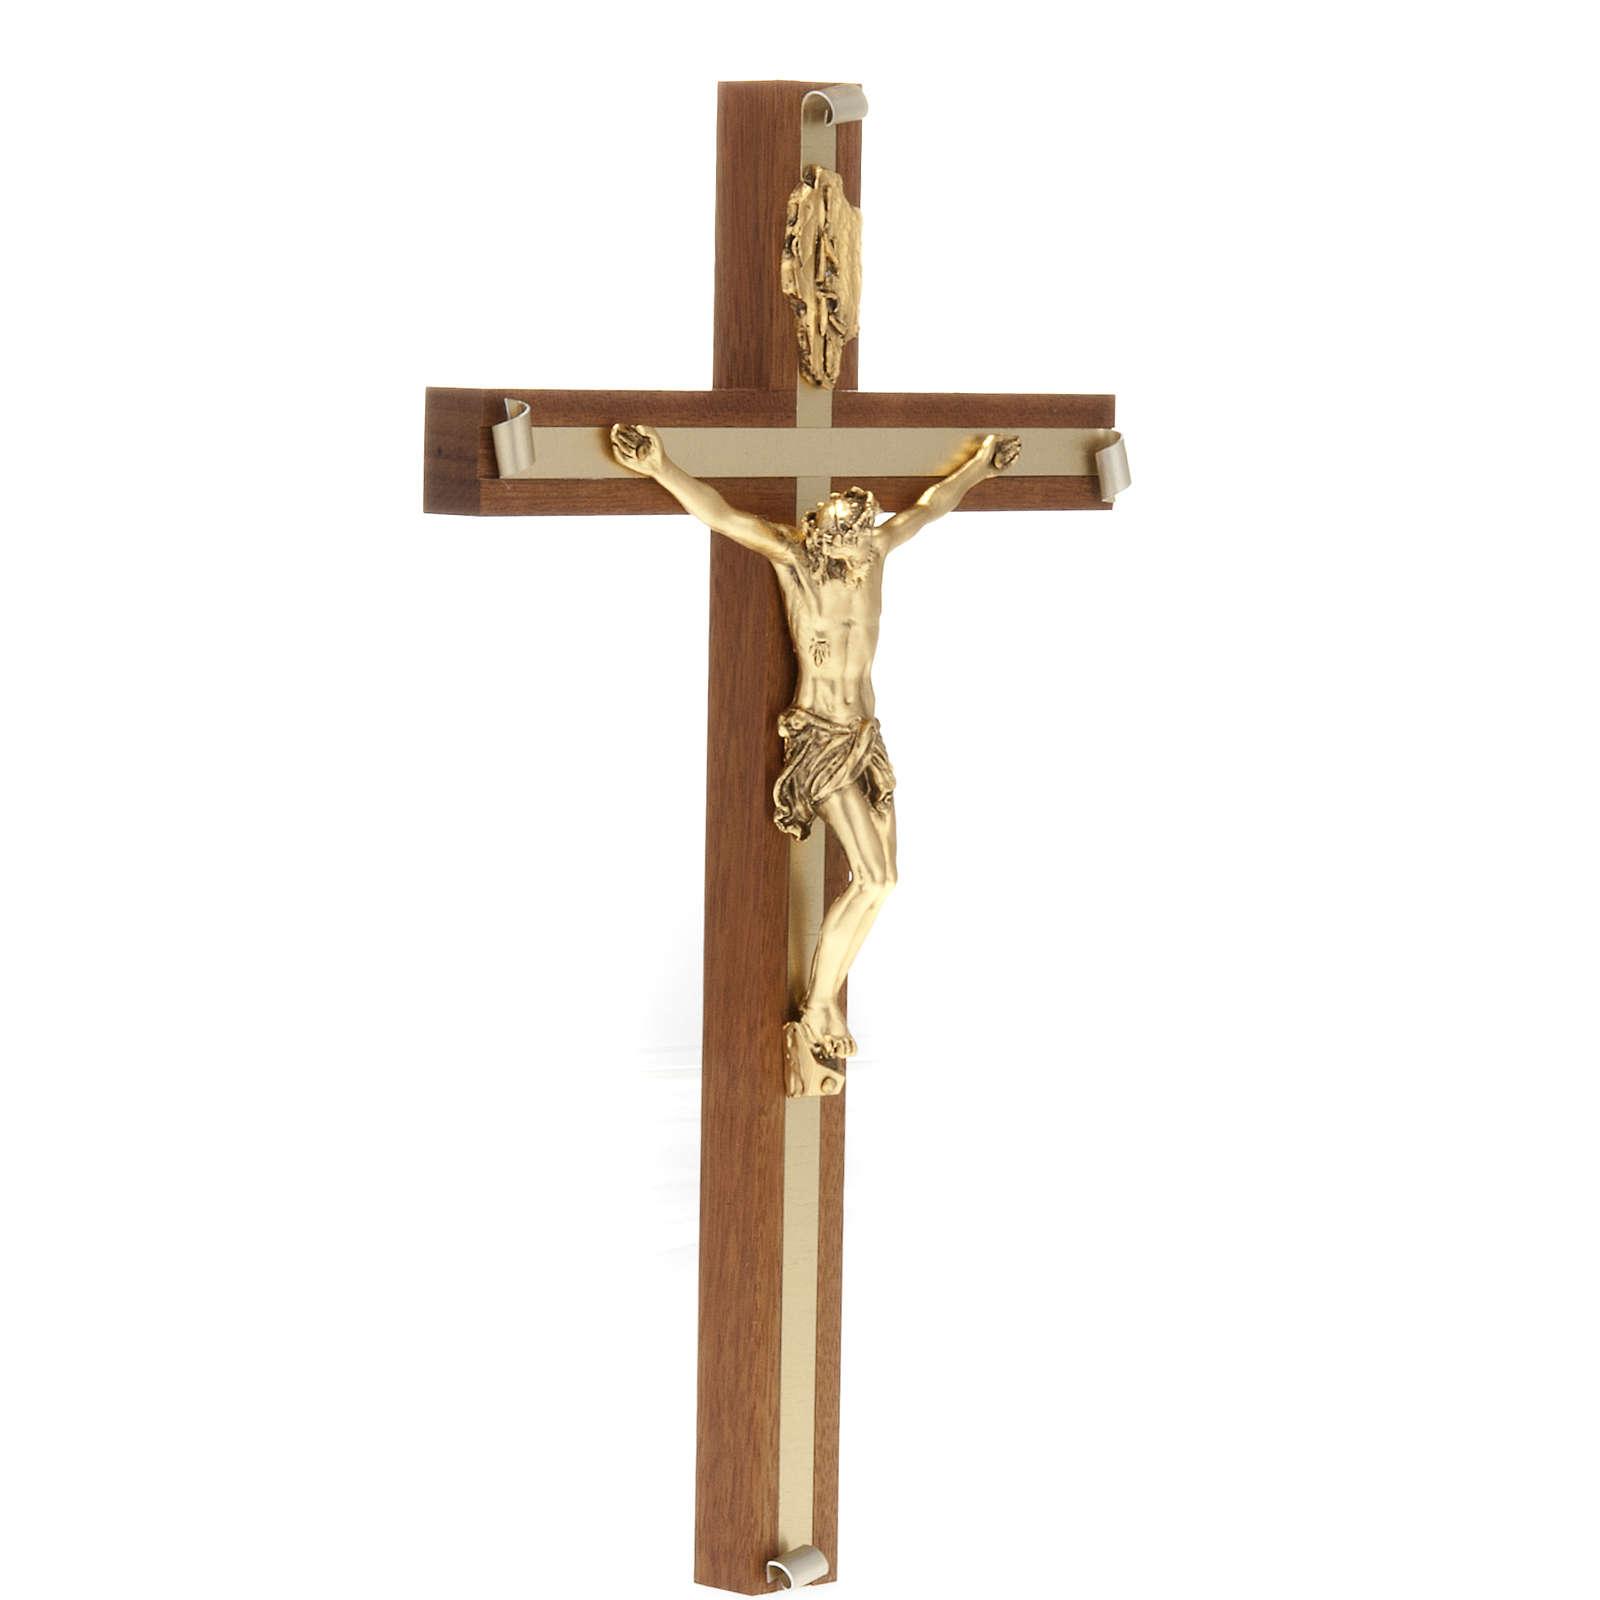 Crocifisso legno noce metallo dorato inserti alluminio 4